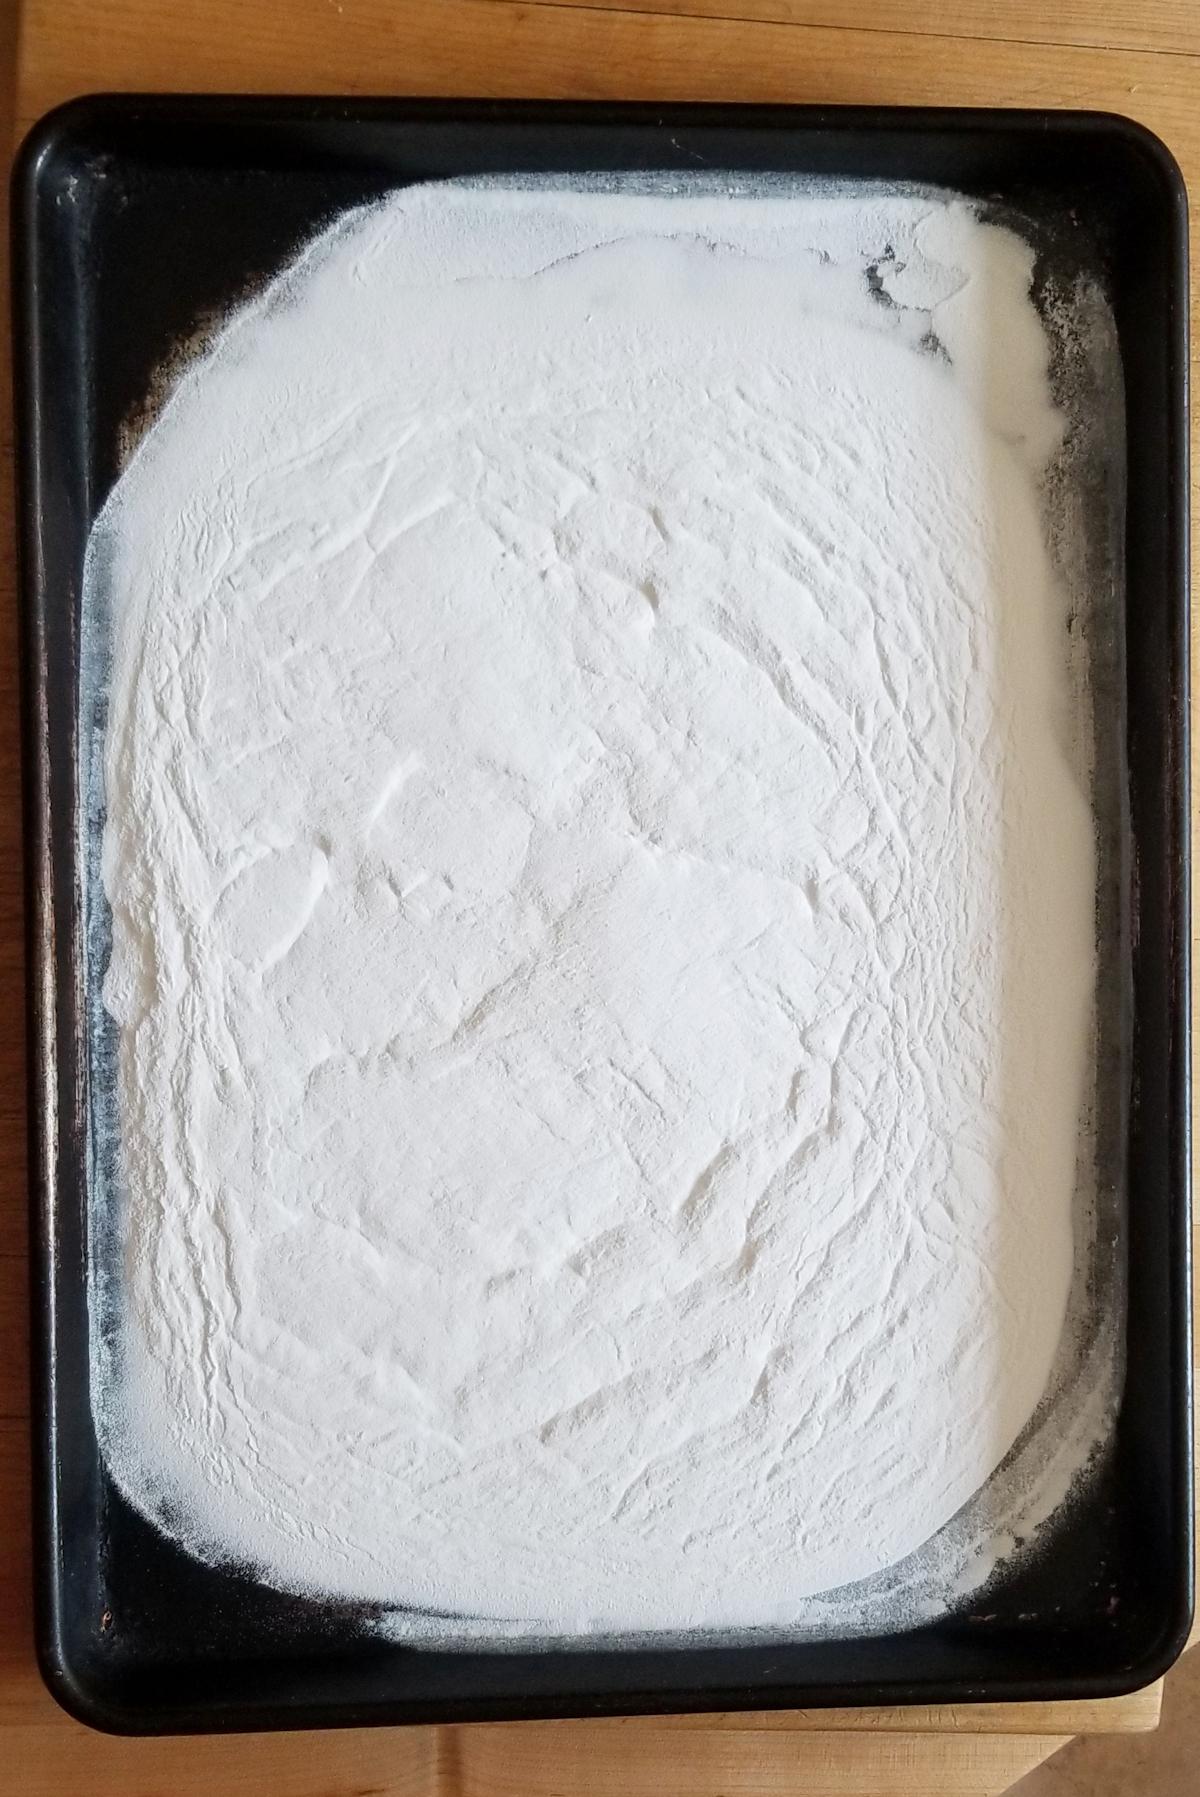 a tray of baking soda